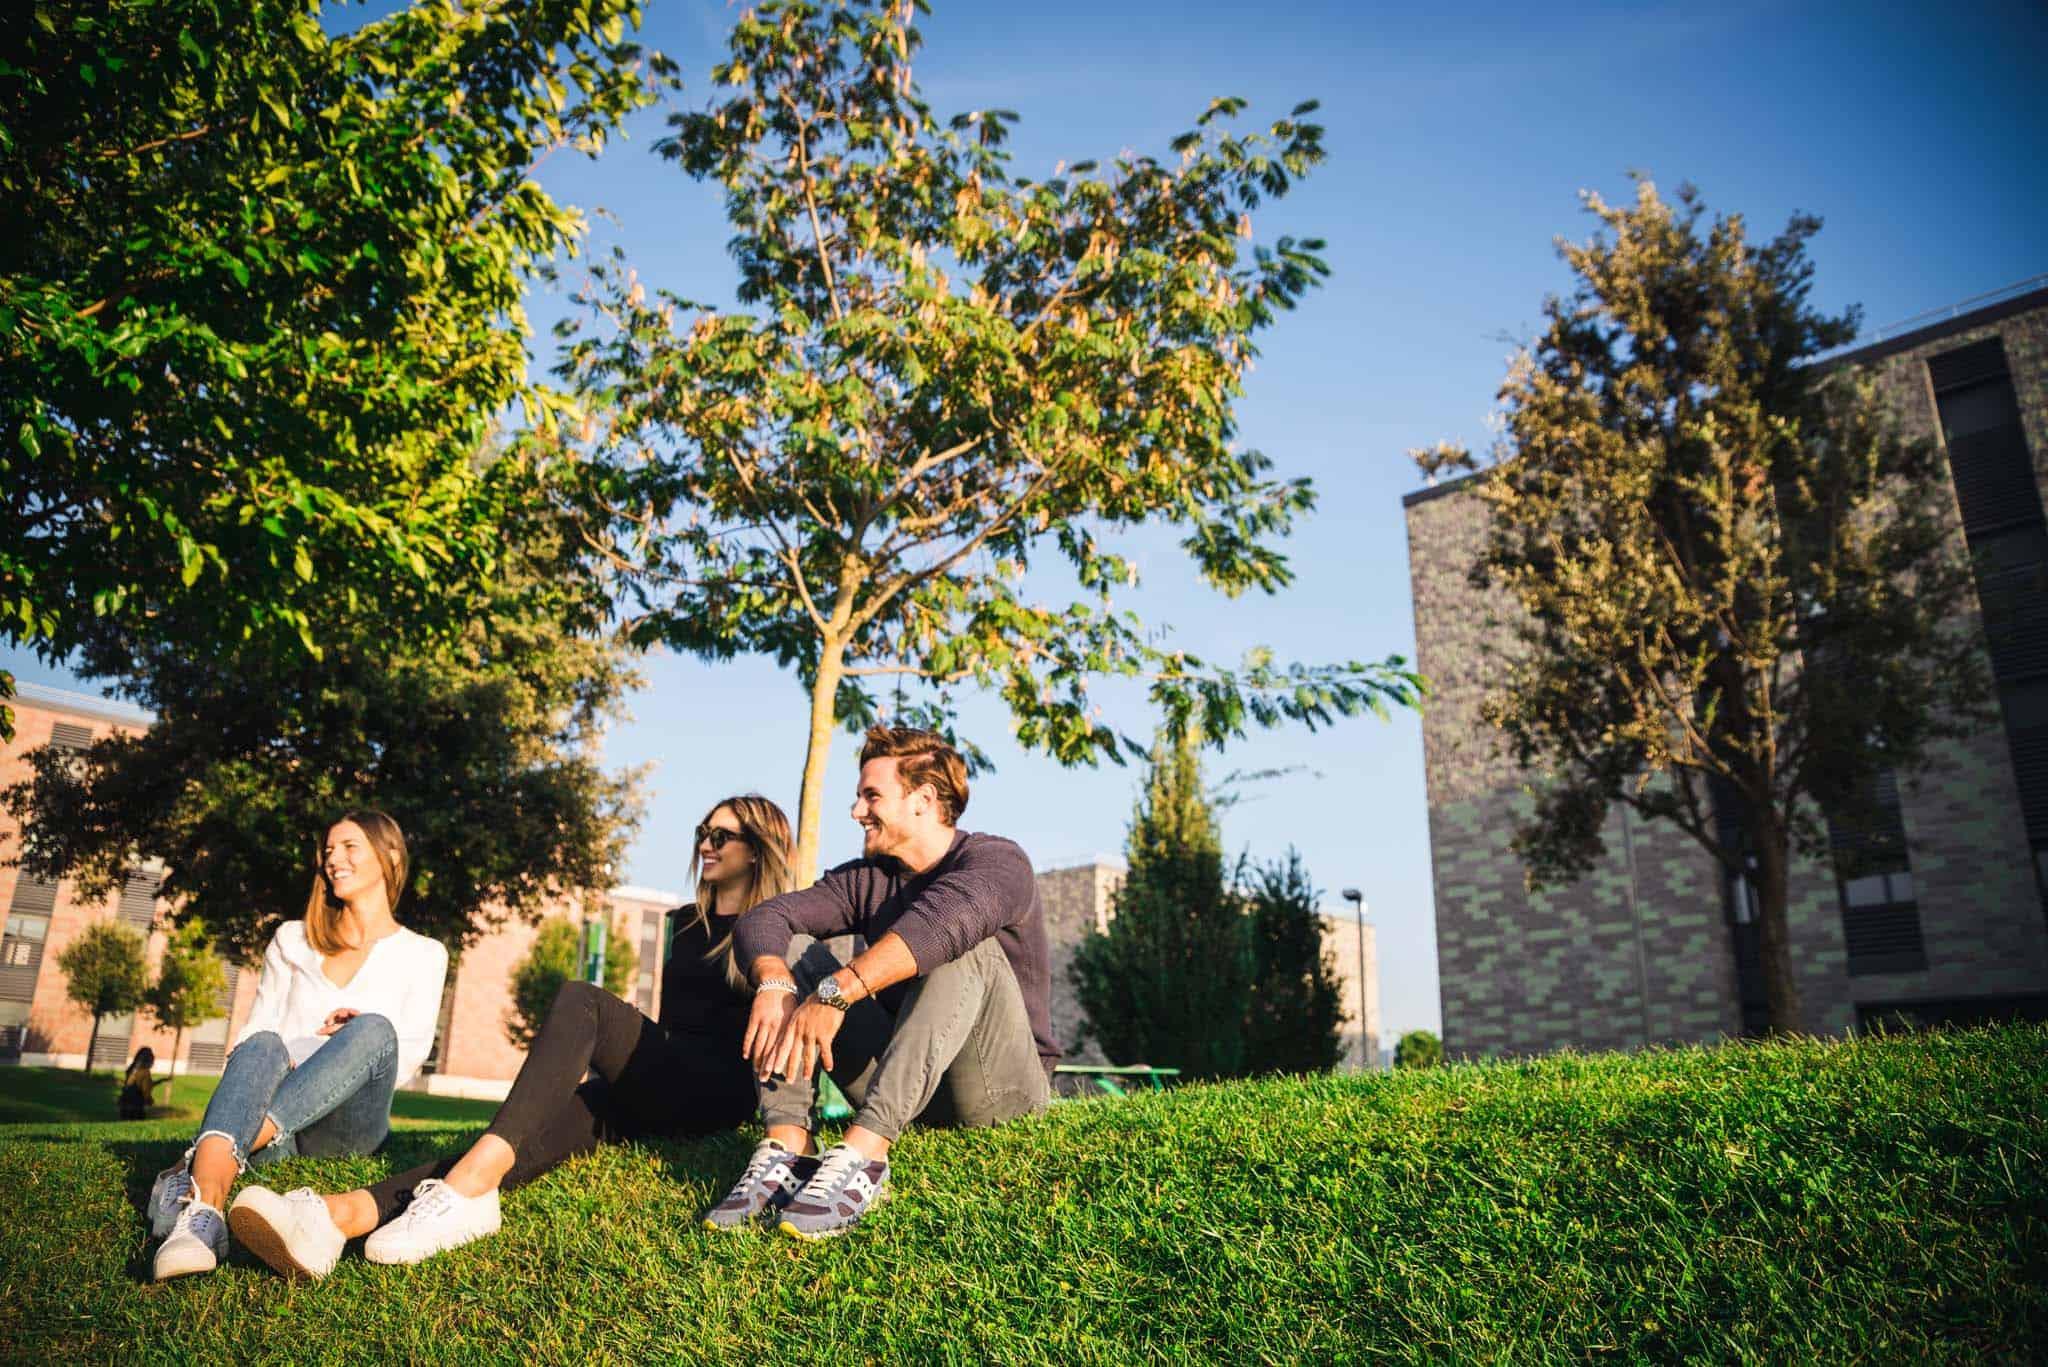 CampusX sbarca a Torino con due nuove strutture